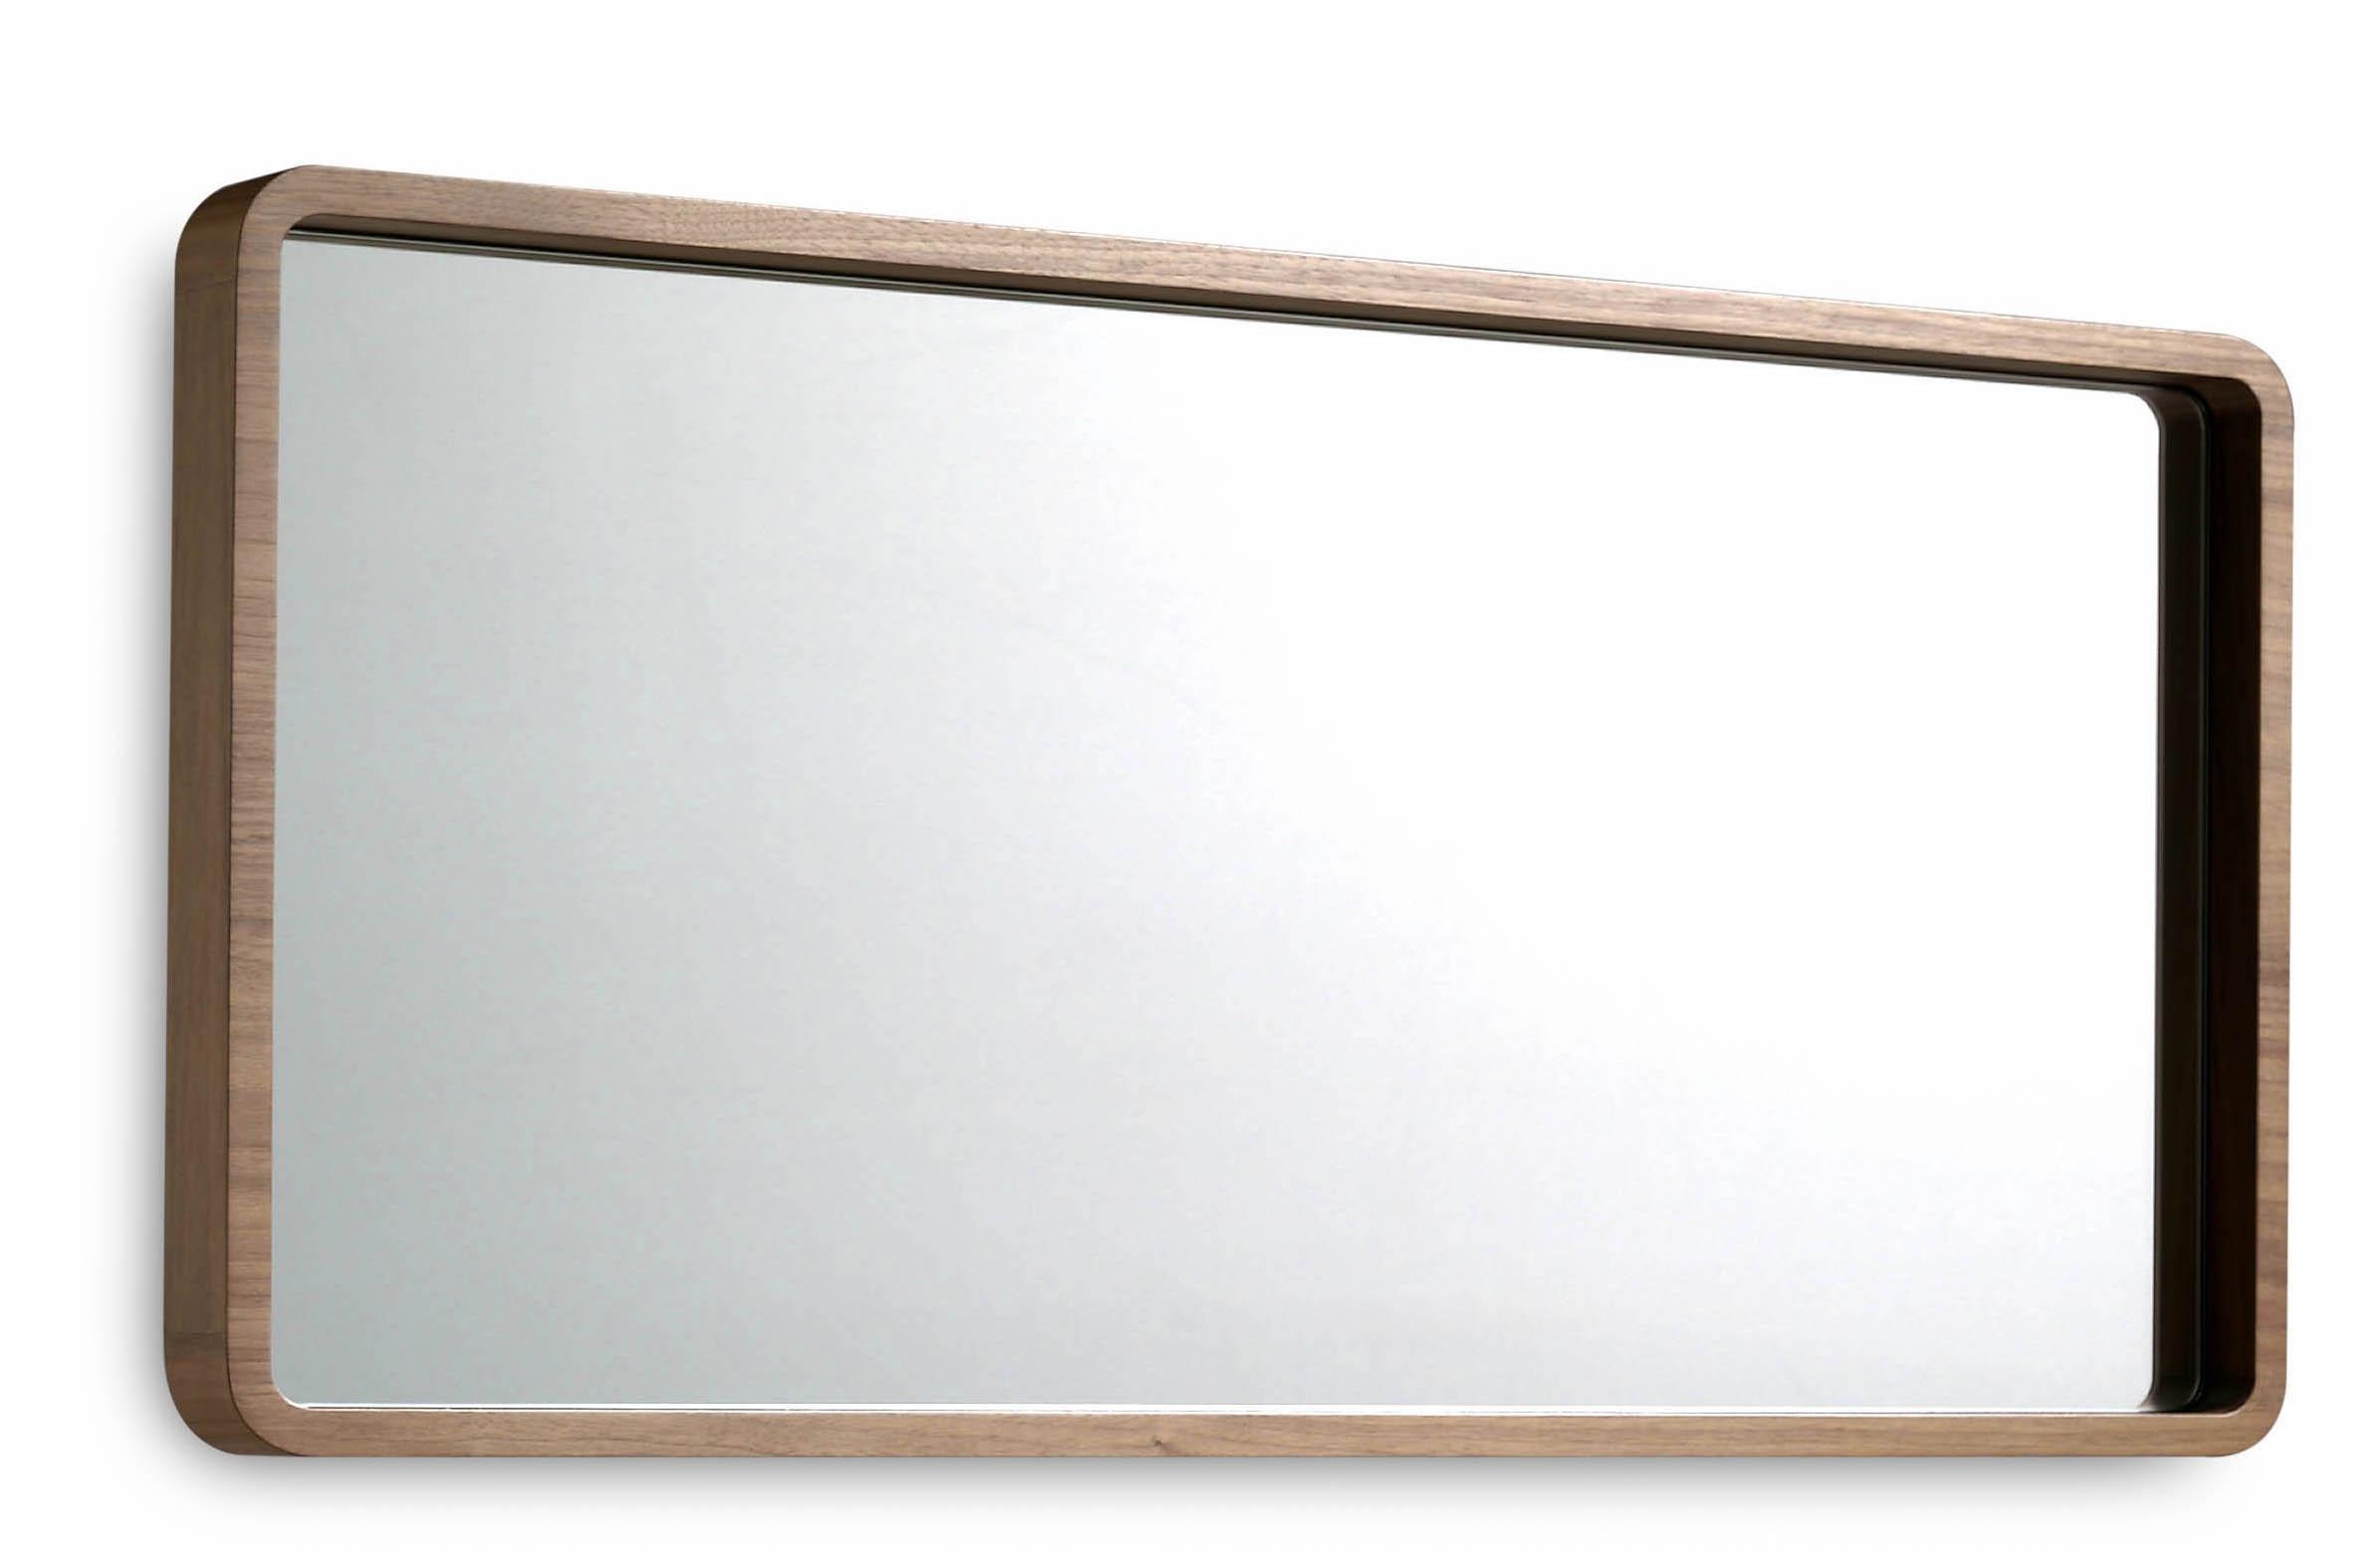 Miroir contemporain bois noyer Hena 100 cm